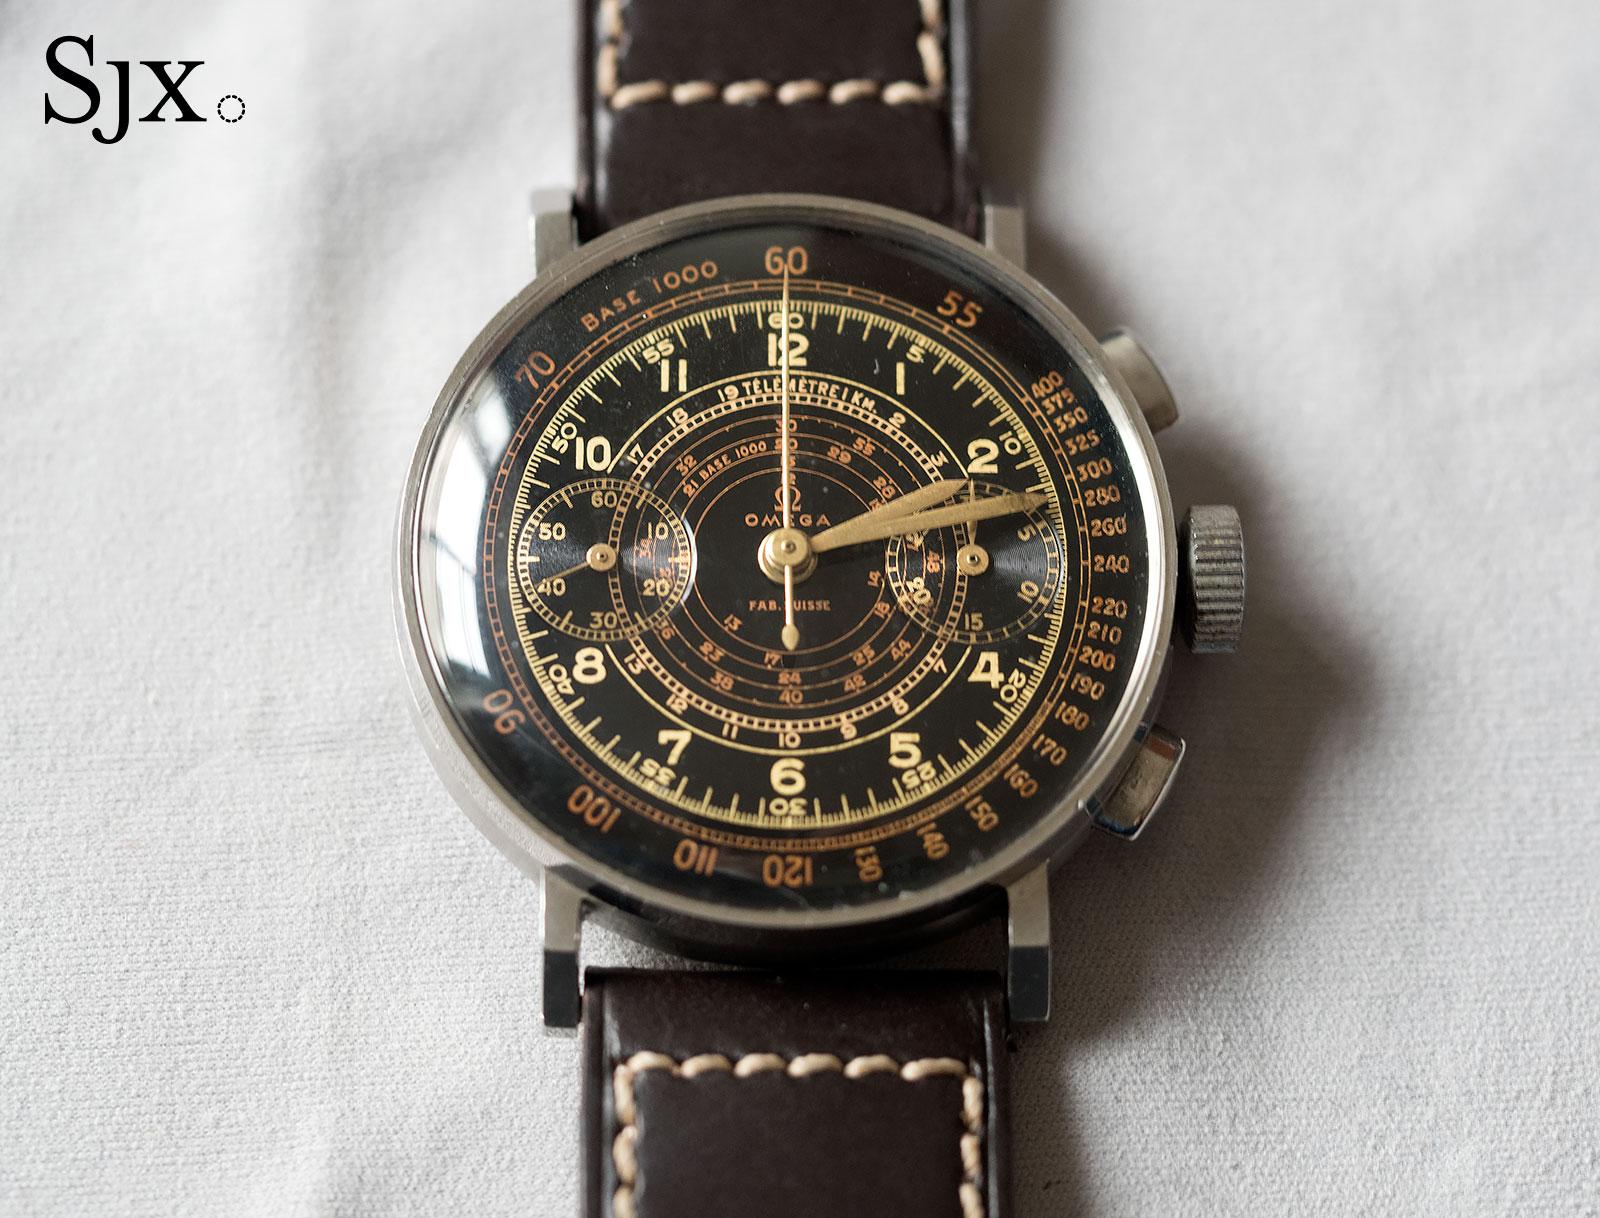 Omega chronograph CK 2393-1